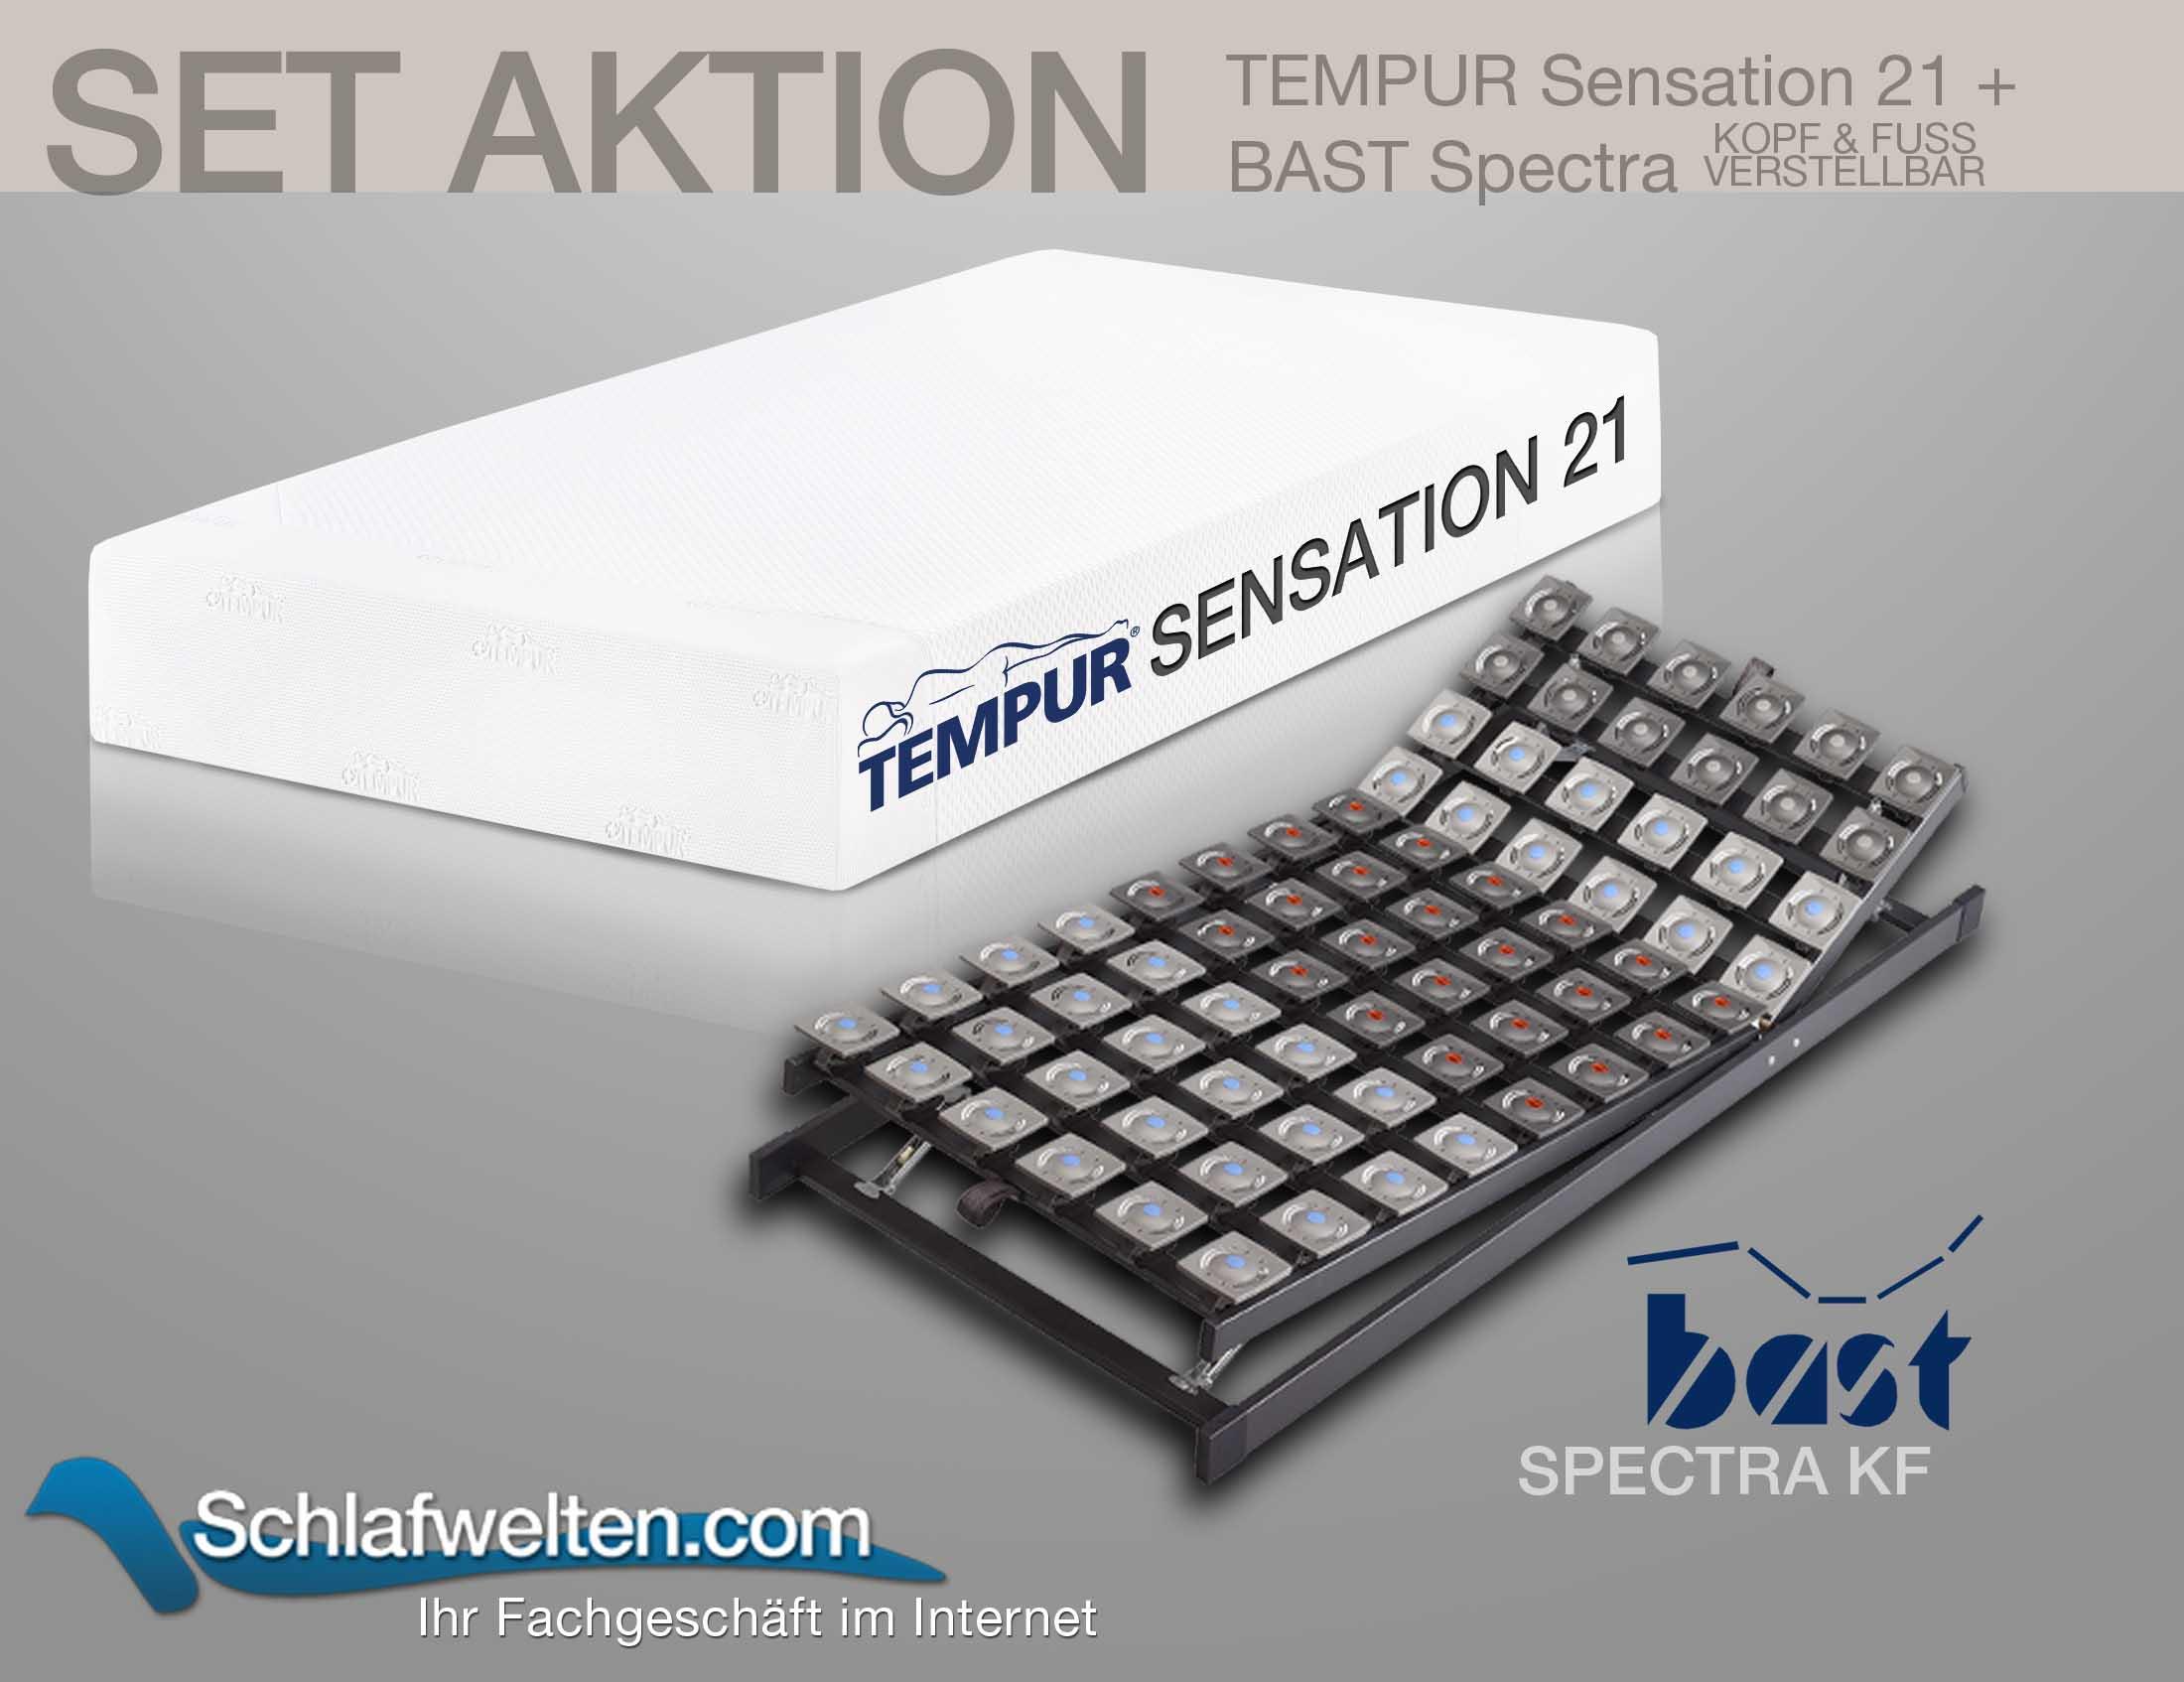 TEMPUR Sensation 21 Matratze mit Spectra KF Tellerrahmen | Schlafzimmer > Matratzen > Matratzen-Sets | Tempur